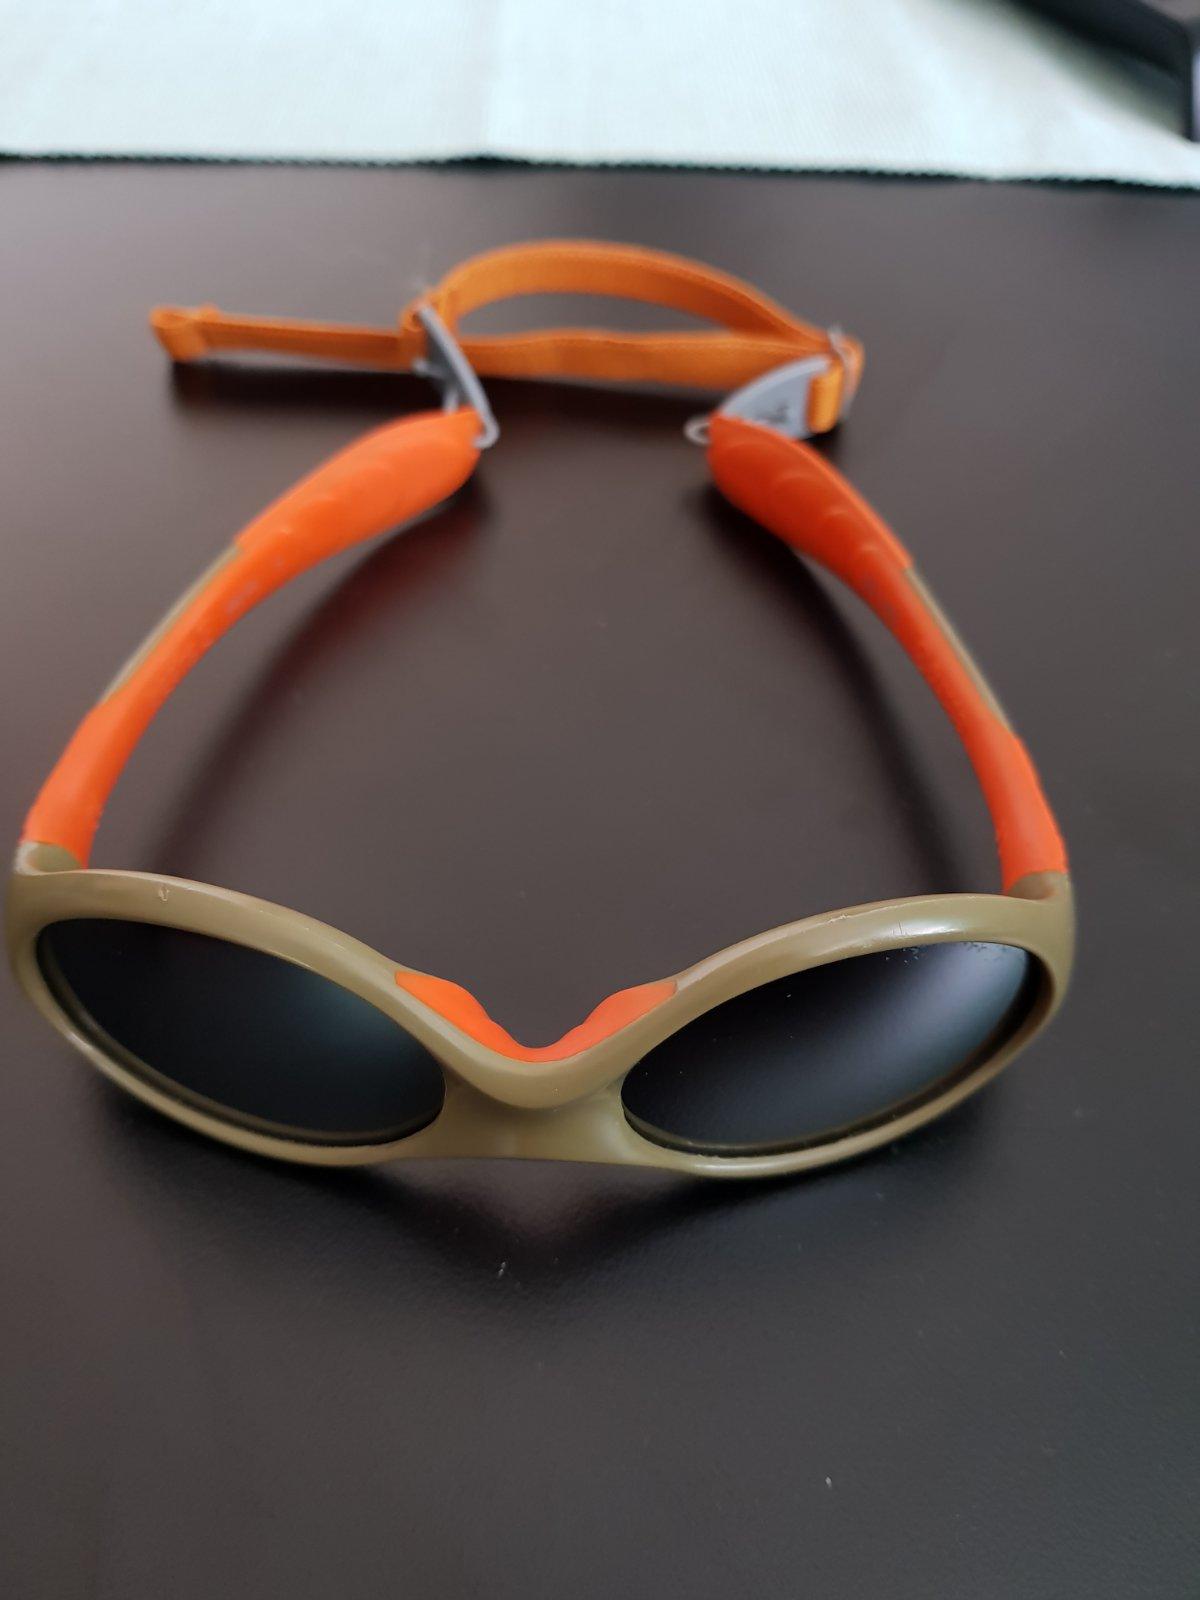 Detske slnecne okuliare julbo looping 3 cd49fdfb93d